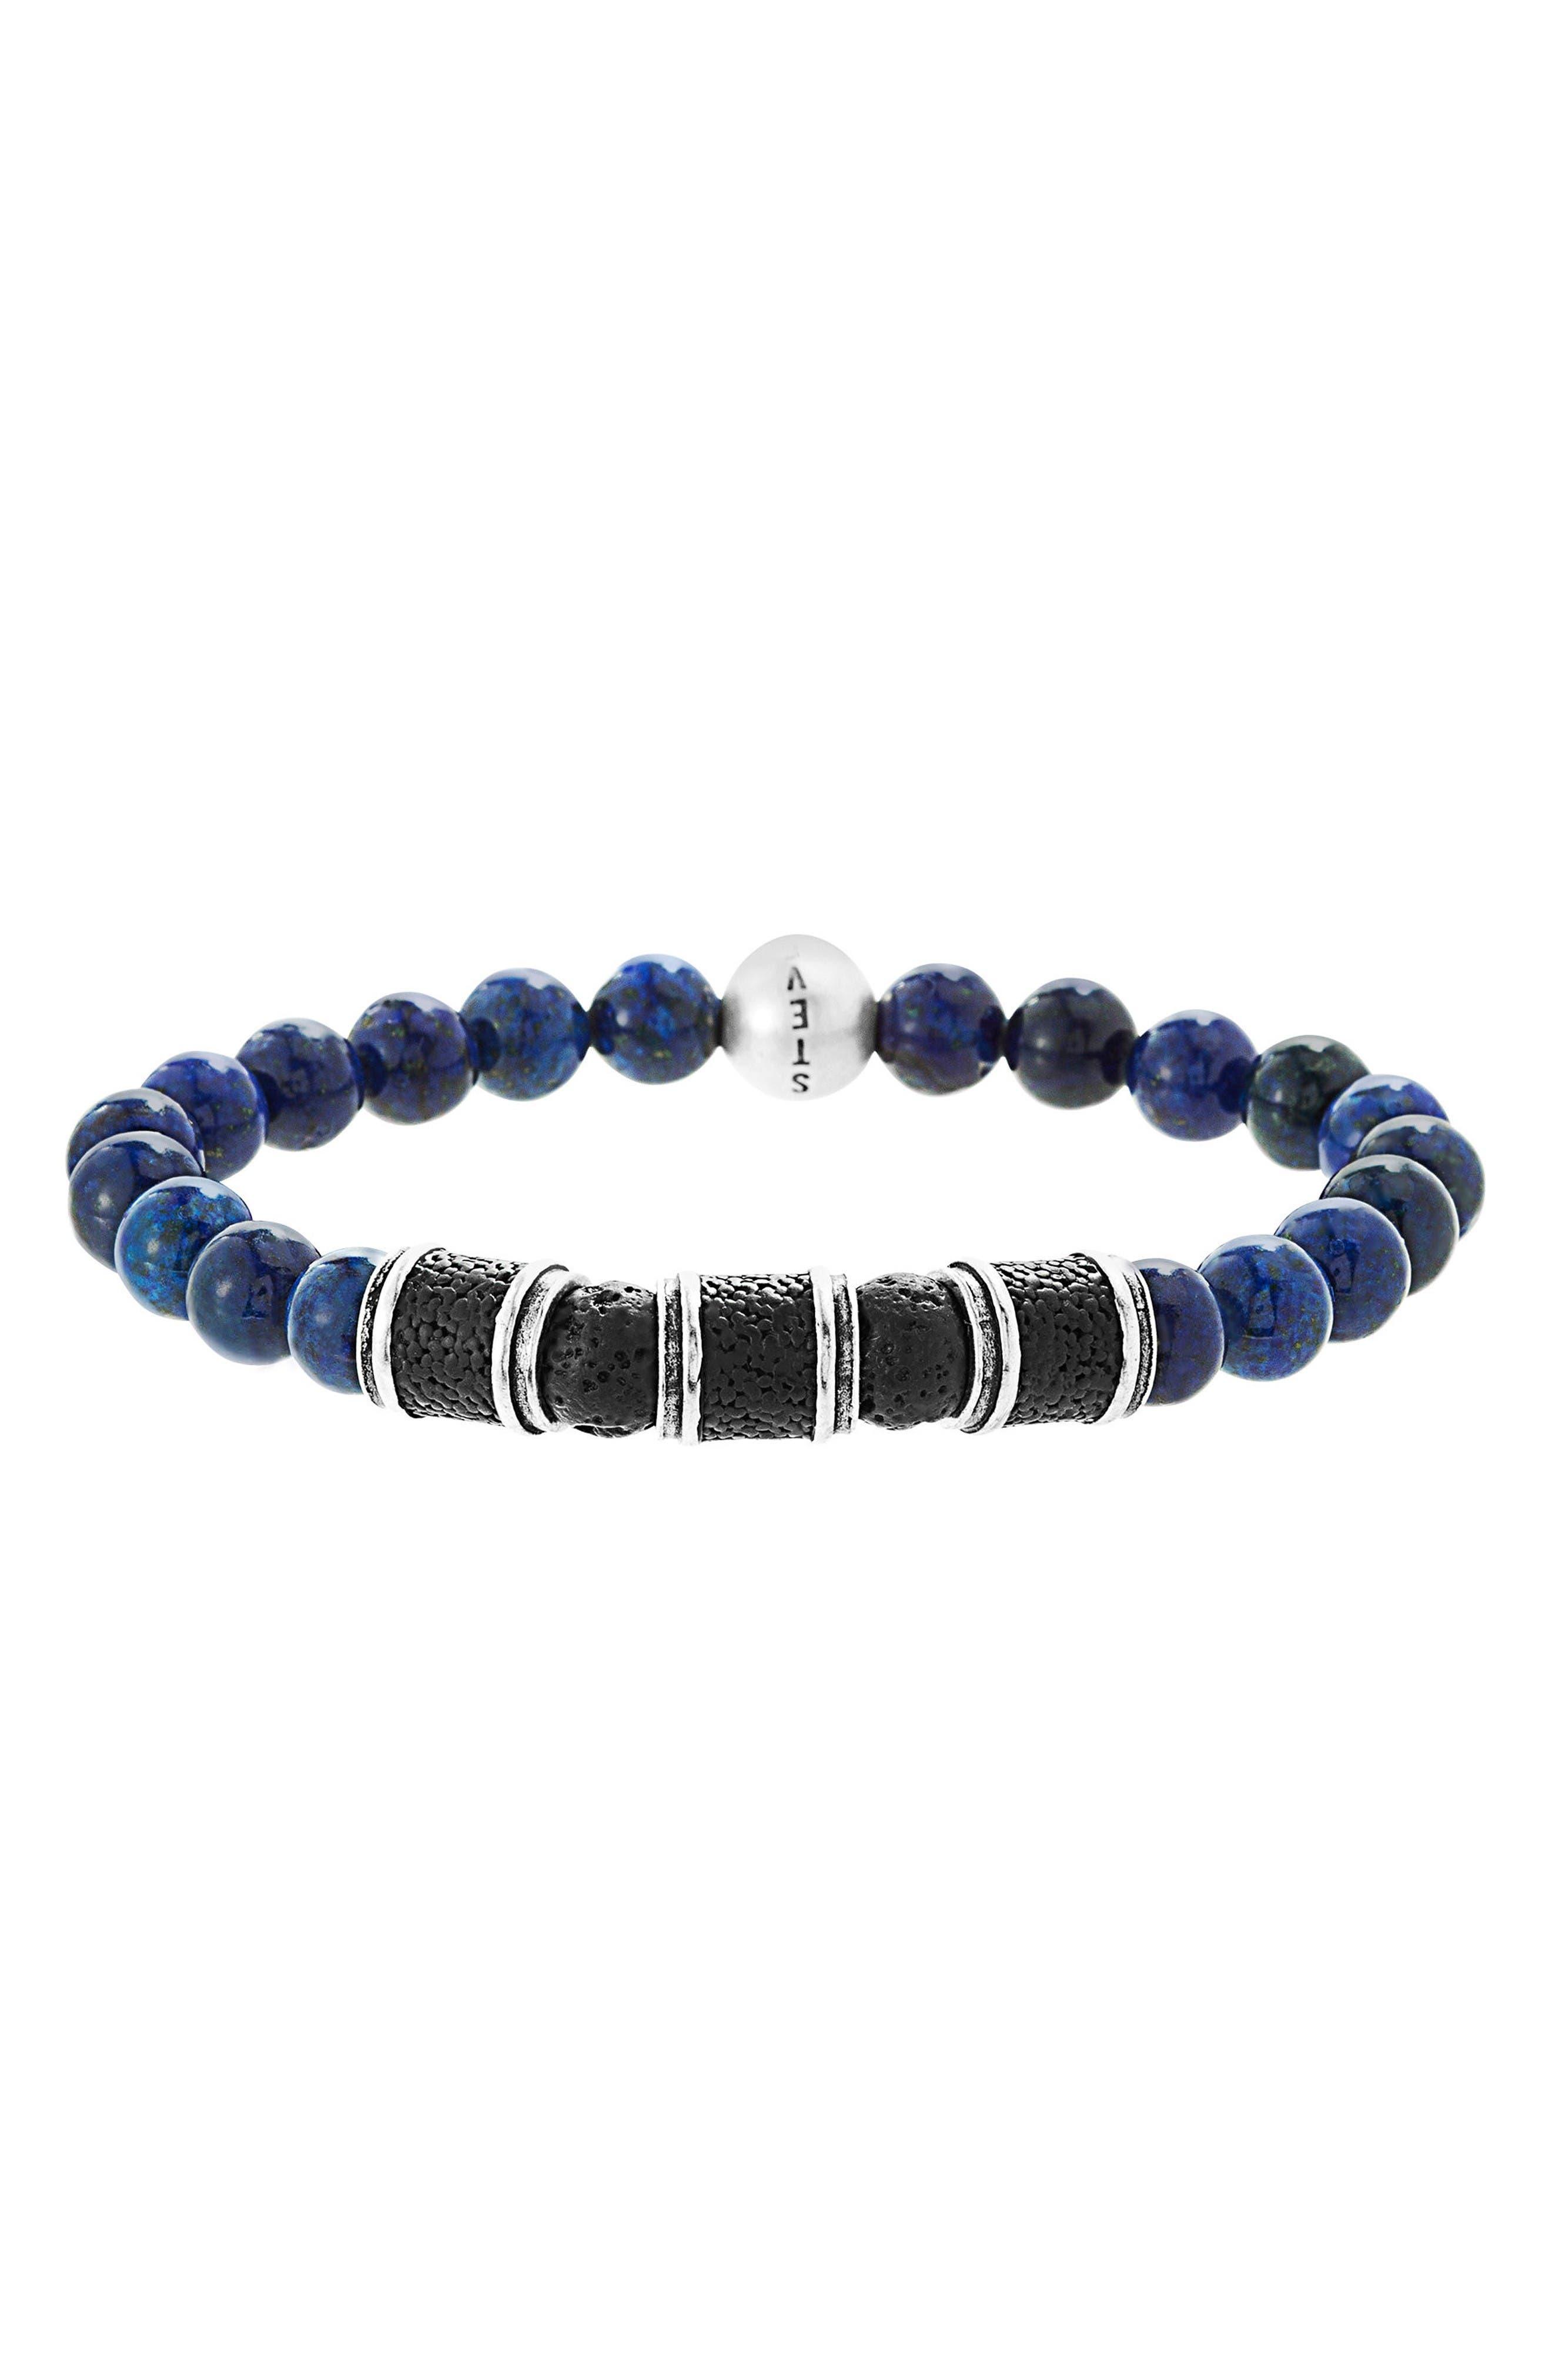 Lapis Lazuli Bead Bracelet,                         Main,                         color, Lapis